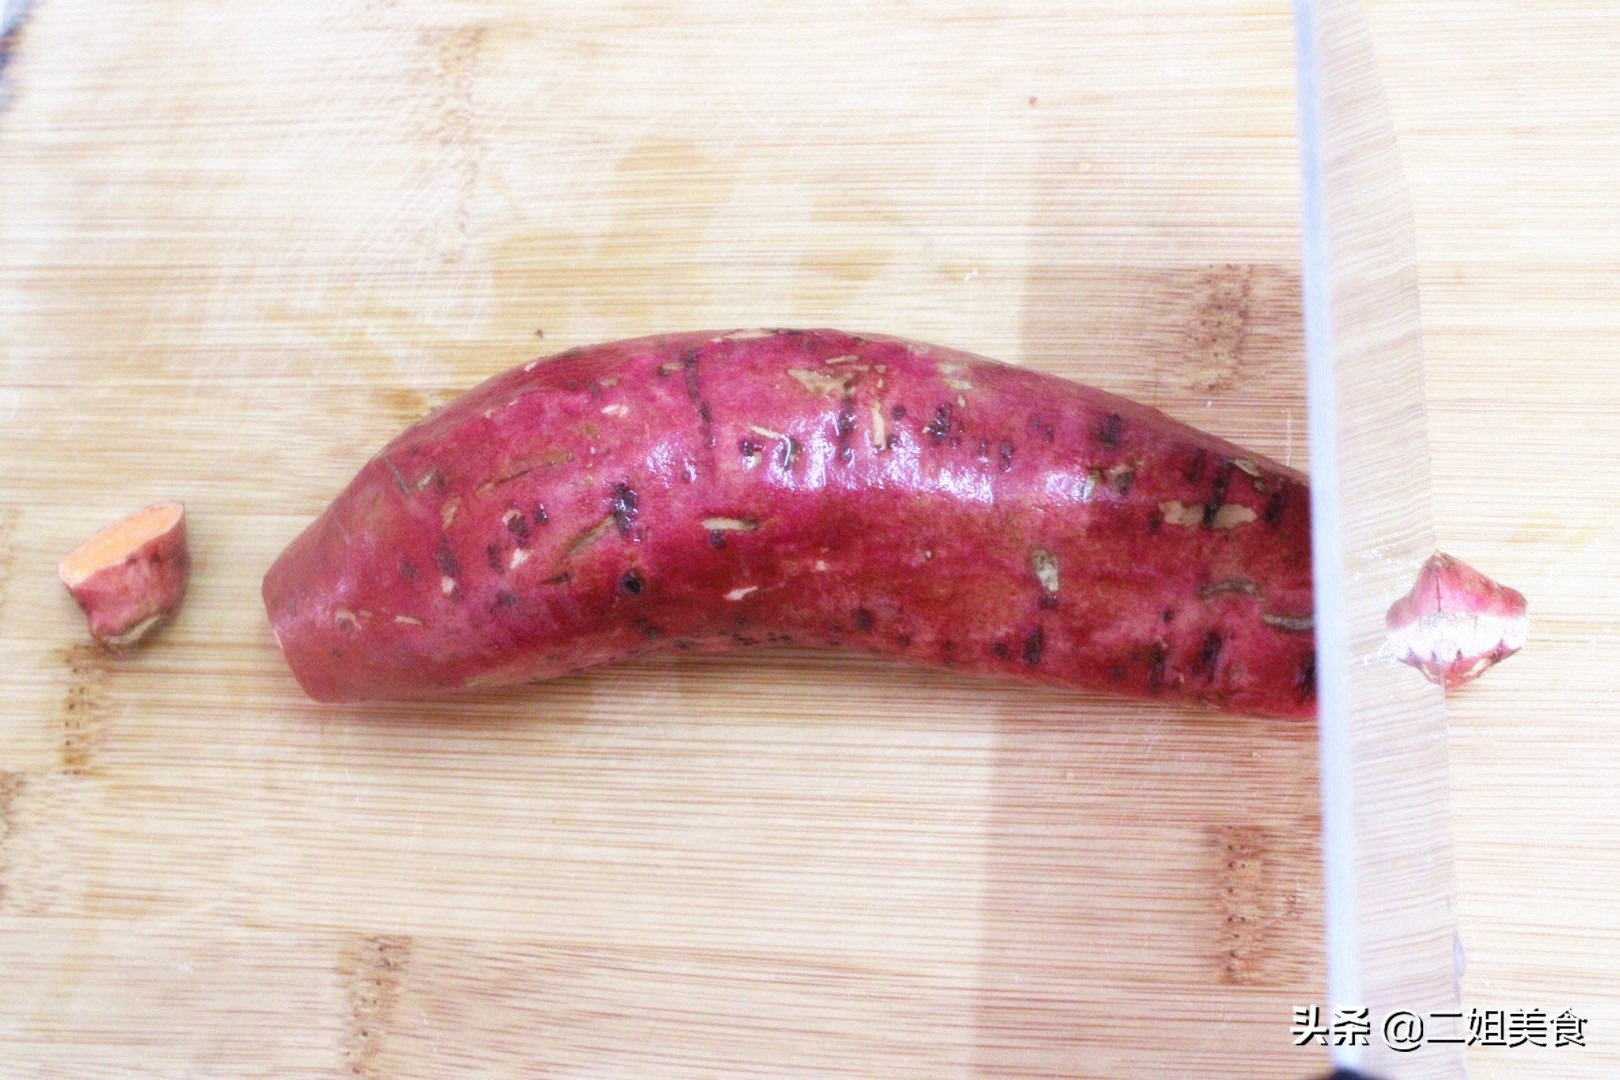 蒸红薯,牢记别直接上锅蒸了,多做2步,红薯香甜鲜嫩,真好吃